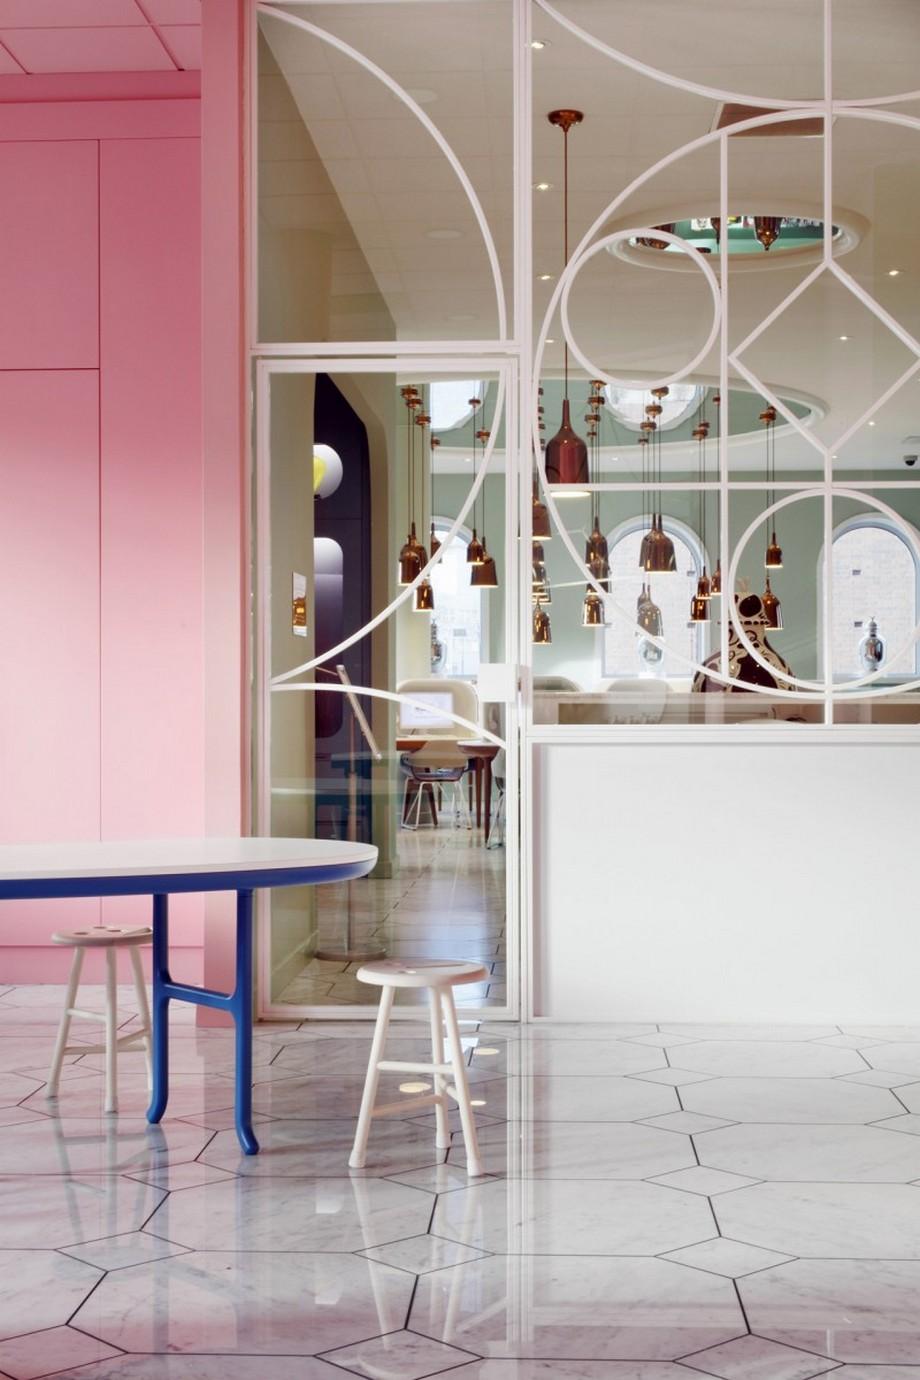 Jaime Hayon: Una historia especial de interiorismo elegante y lujuoso jaime hayon Jaime Hayon: Una historia especial de interiorismo elegante y lujuoso 94 800x1200